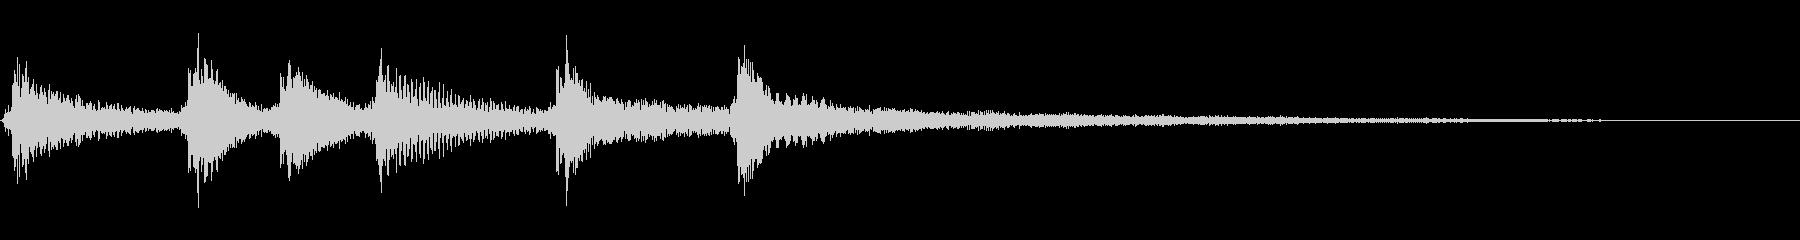 シンプルな琴の和風効果音です。の未再生の波形